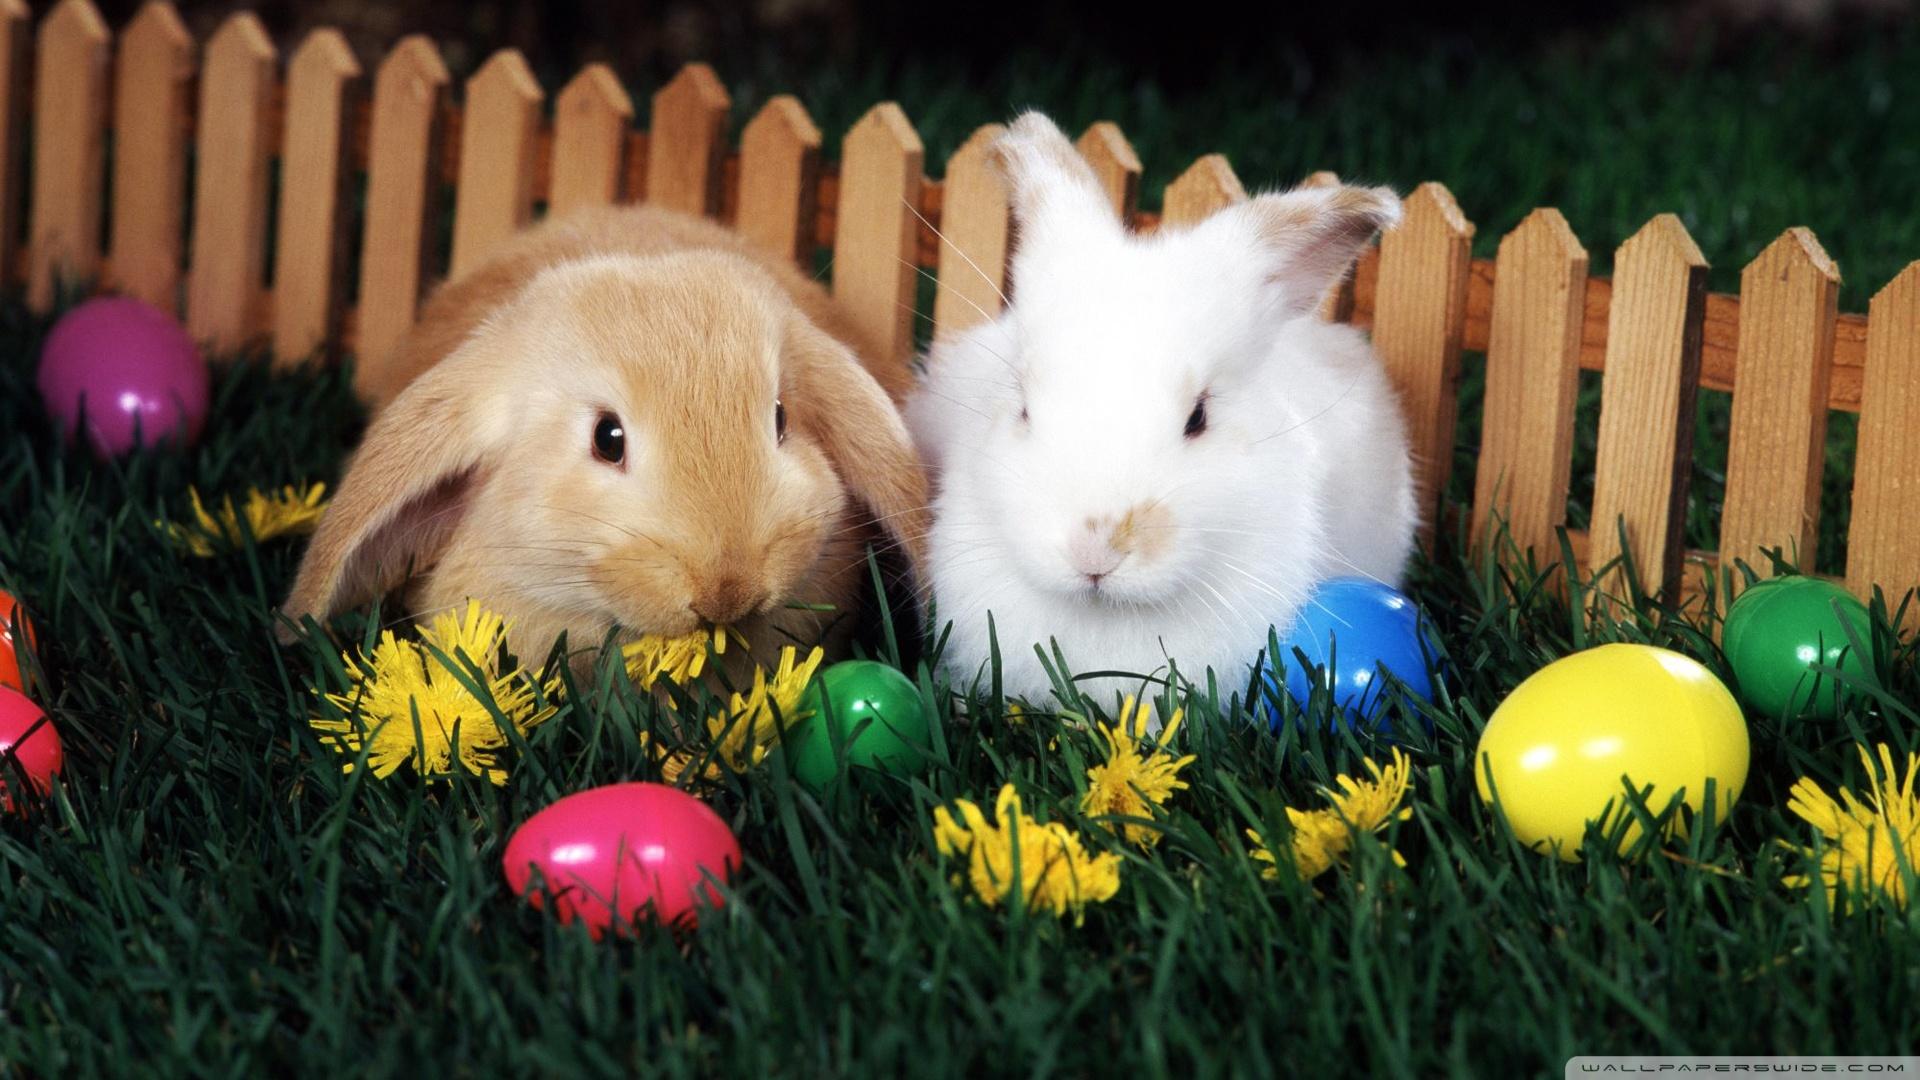 Easter Egg Hunt HD desktop wallpaper Widescreen High Definition 1920x1080